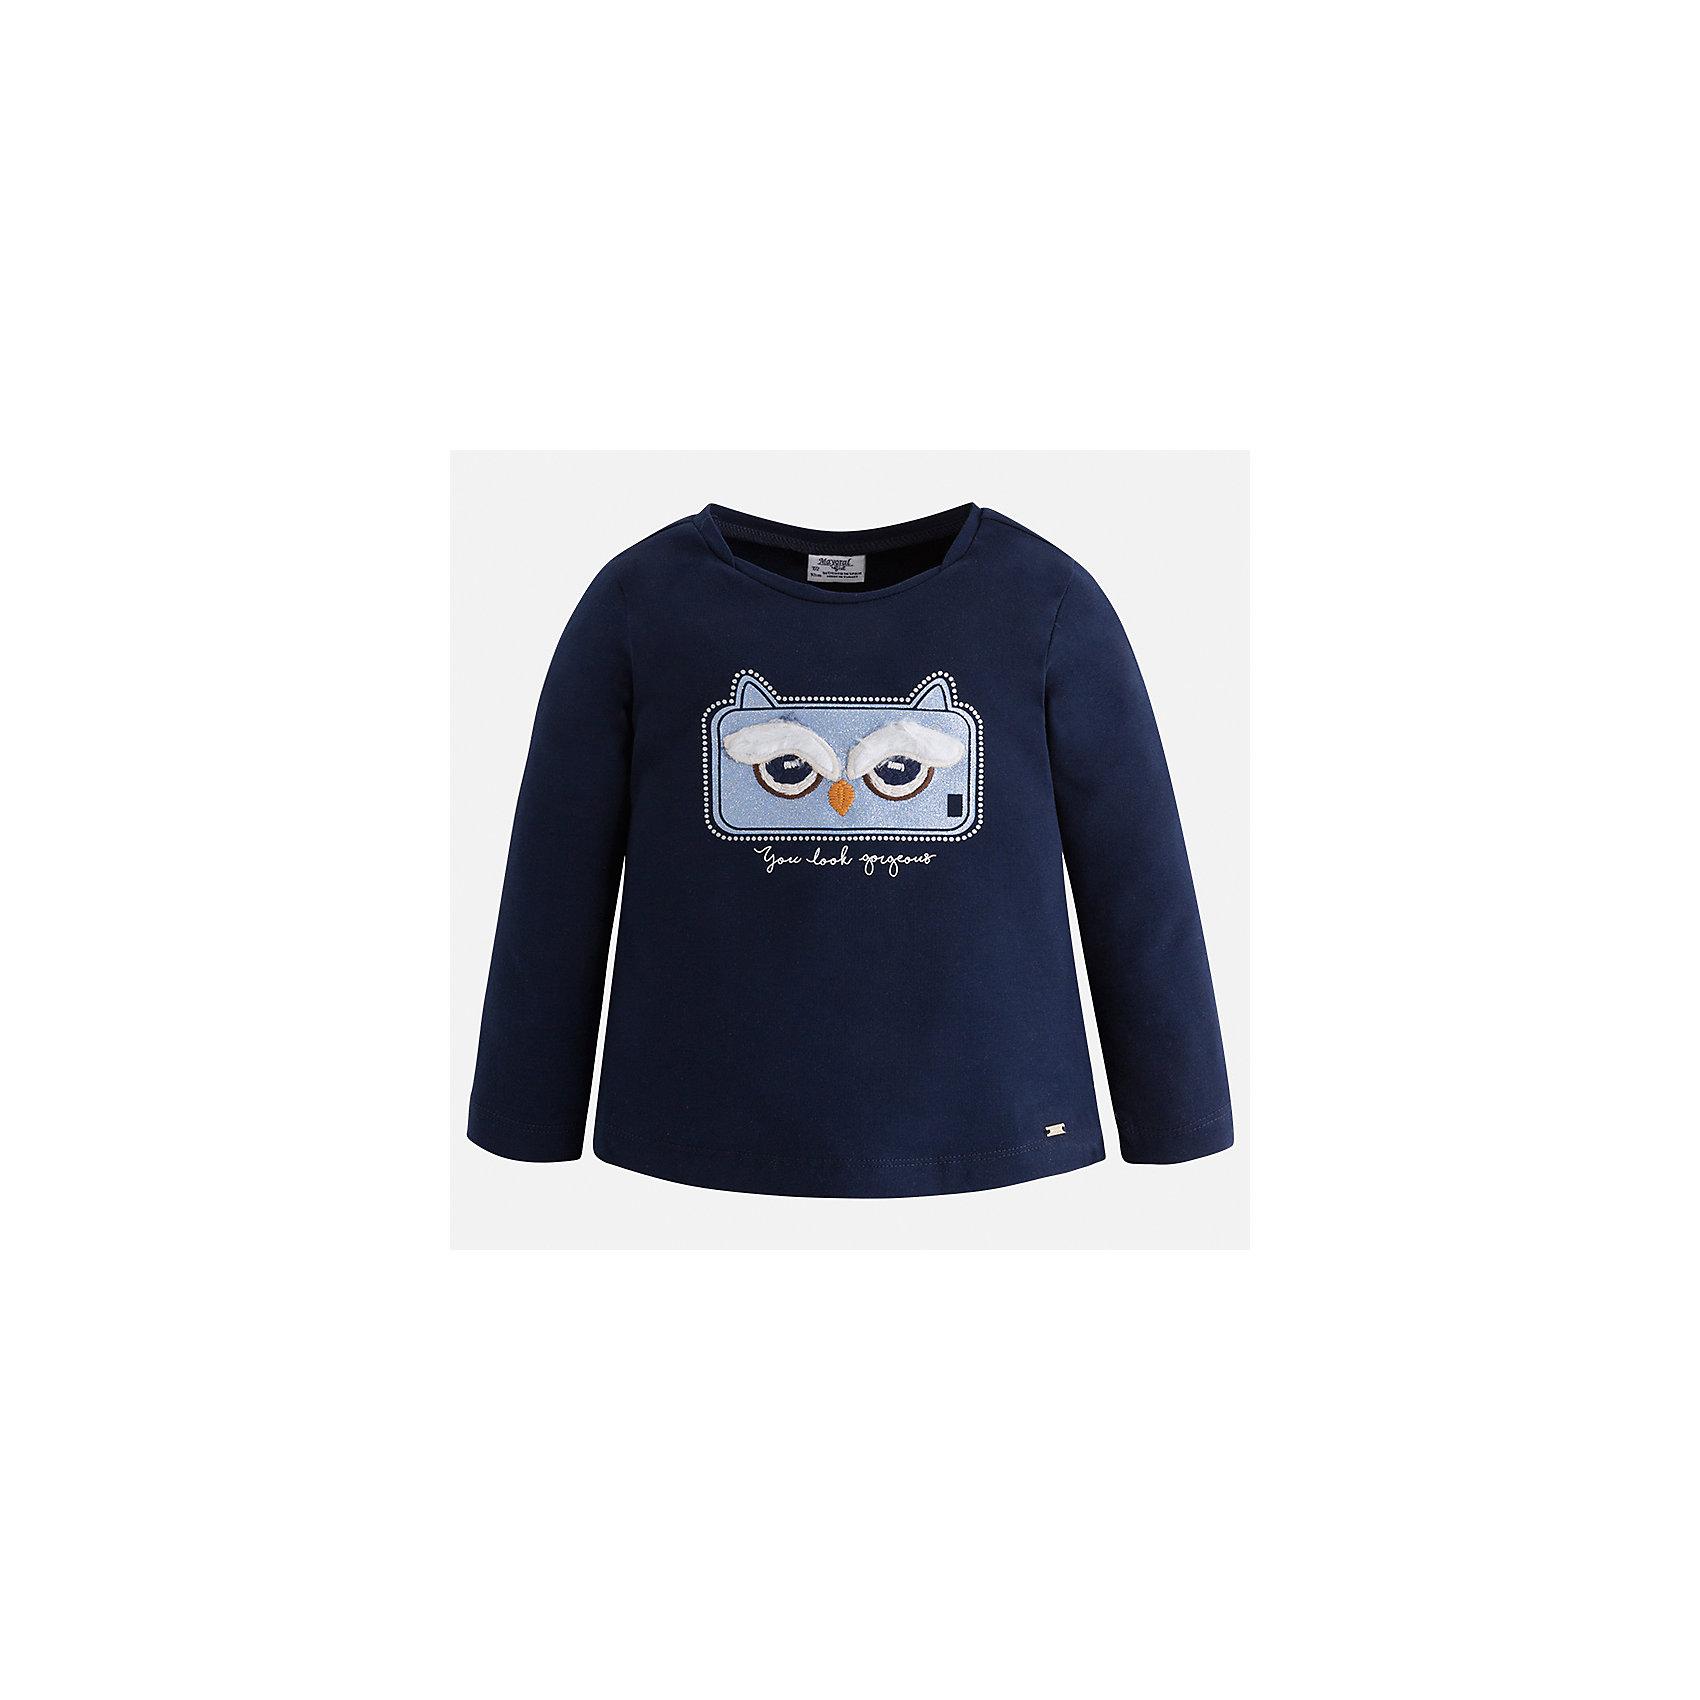 Футболка с длинным рукавом для девочки MayoralФутболки с длинным рукавом<br>Характеристики товара:<br><br>• цвет: темно-синий<br>• состав ткани: 95% хлопок, 5% эластан<br>• сезон: демисезон<br>• особенности модели: аппликация со стразами<br>• длинные рукава<br>• страна бренда: Испания<br>• страна изготовитель: Индия<br><br>Темная водолазка с длинным рукавом для девочки от Майорал поможет обеспечить ребенку комфорт. Детская водолазка с длинным рукавом отличается стильным и продуманным дизайном. В водолазке с длинным рукавом для девочки от испанской компании Майорал ребенок будет выглядеть модно, и чувствовать себя комфортно. <br><br>Водолазку для девочки Mayoral (Майорал) можно купить в нашем интернет-магазине.<br><br>Ширина мм: 230<br>Глубина мм: 40<br>Высота мм: 220<br>Вес г: 250<br>Цвет: темно-синий<br>Возраст от месяцев: 96<br>Возраст до месяцев: 108<br>Пол: Женский<br>Возраст: Детский<br>Размер: 134,92,98,104,110,116,122,128<br>SKU: 6944911